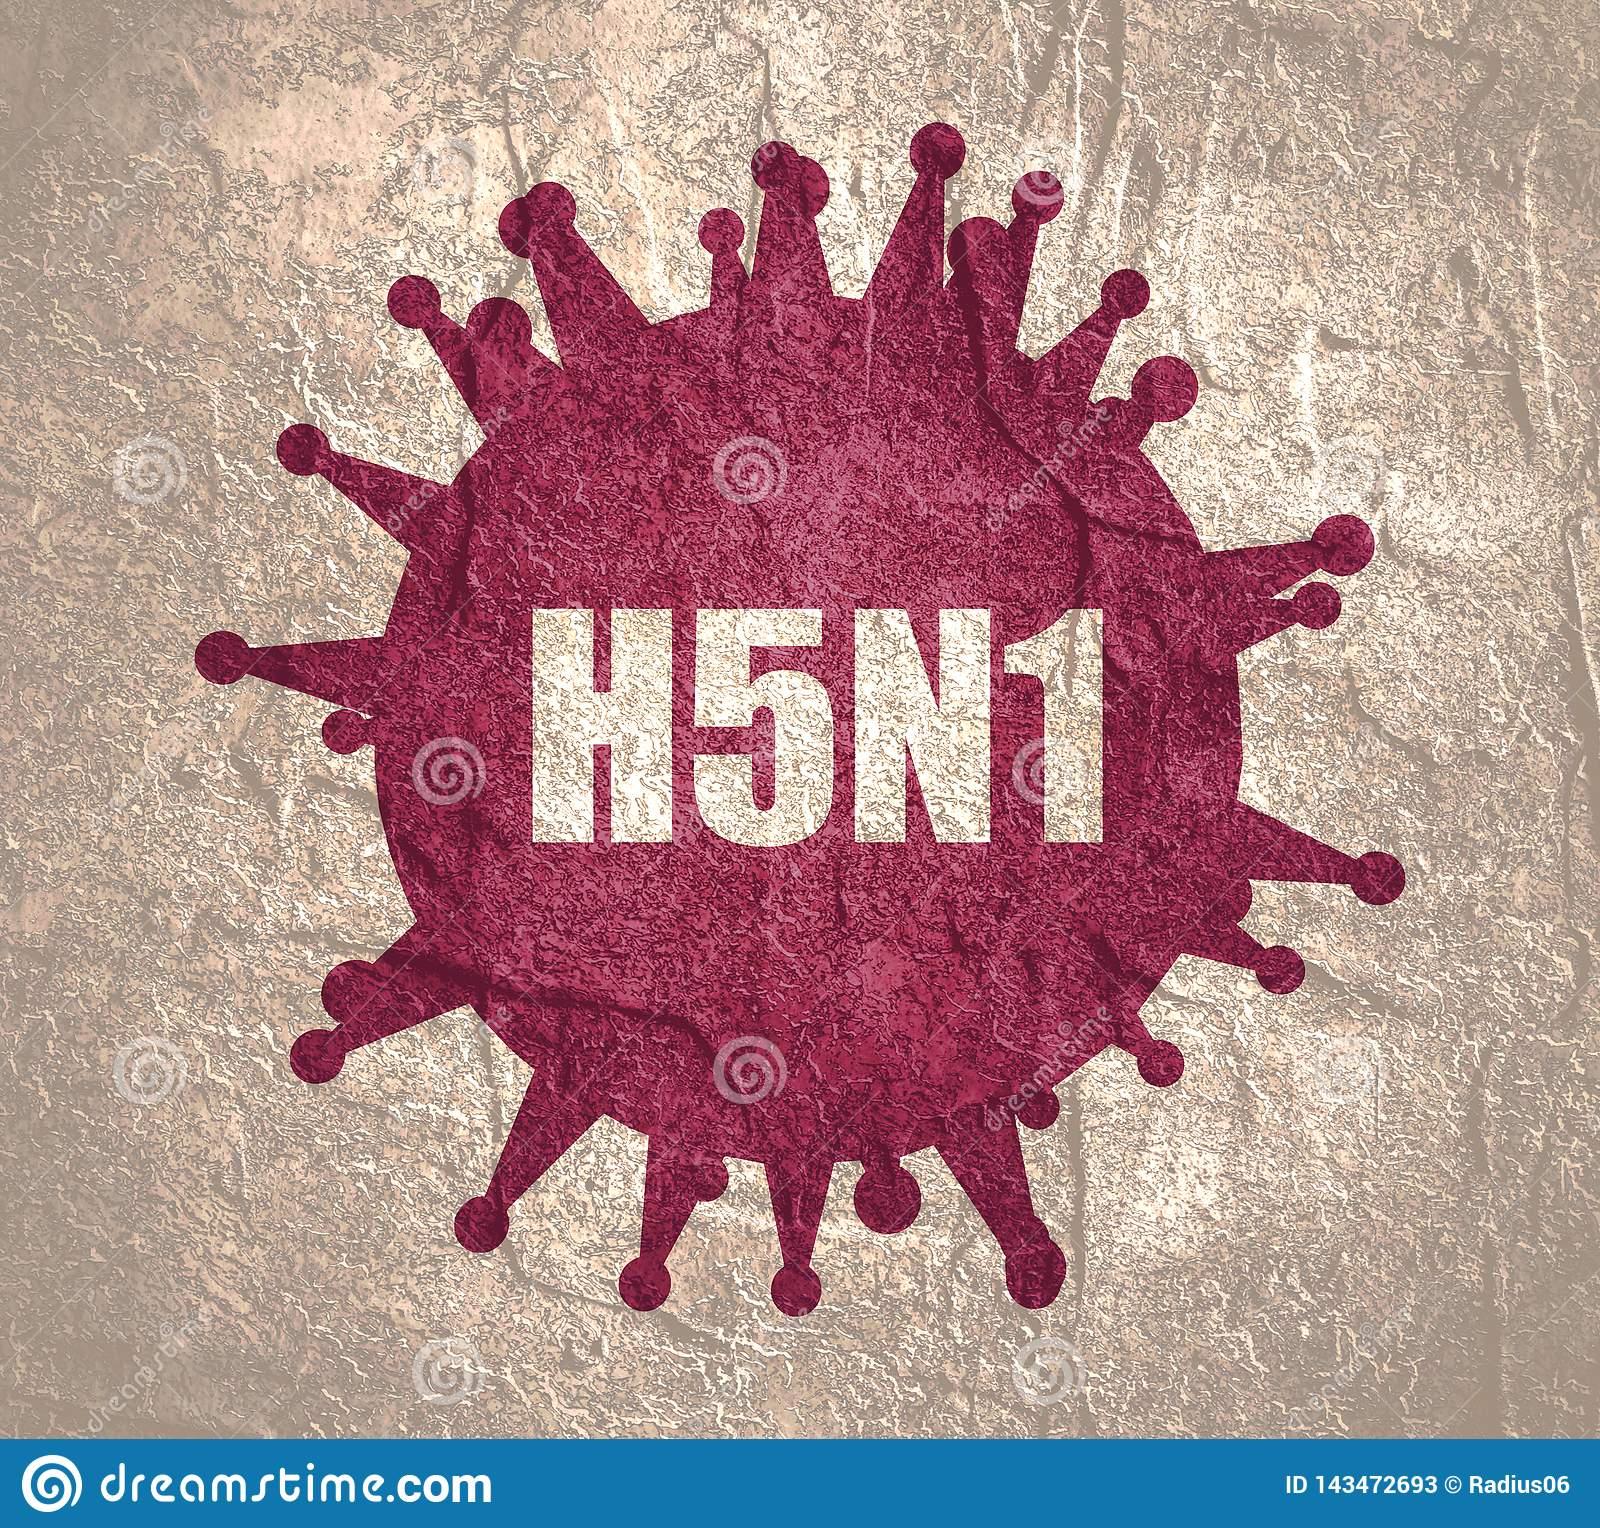 H5n1 птичий грипп: симптомы, причины и диагноз